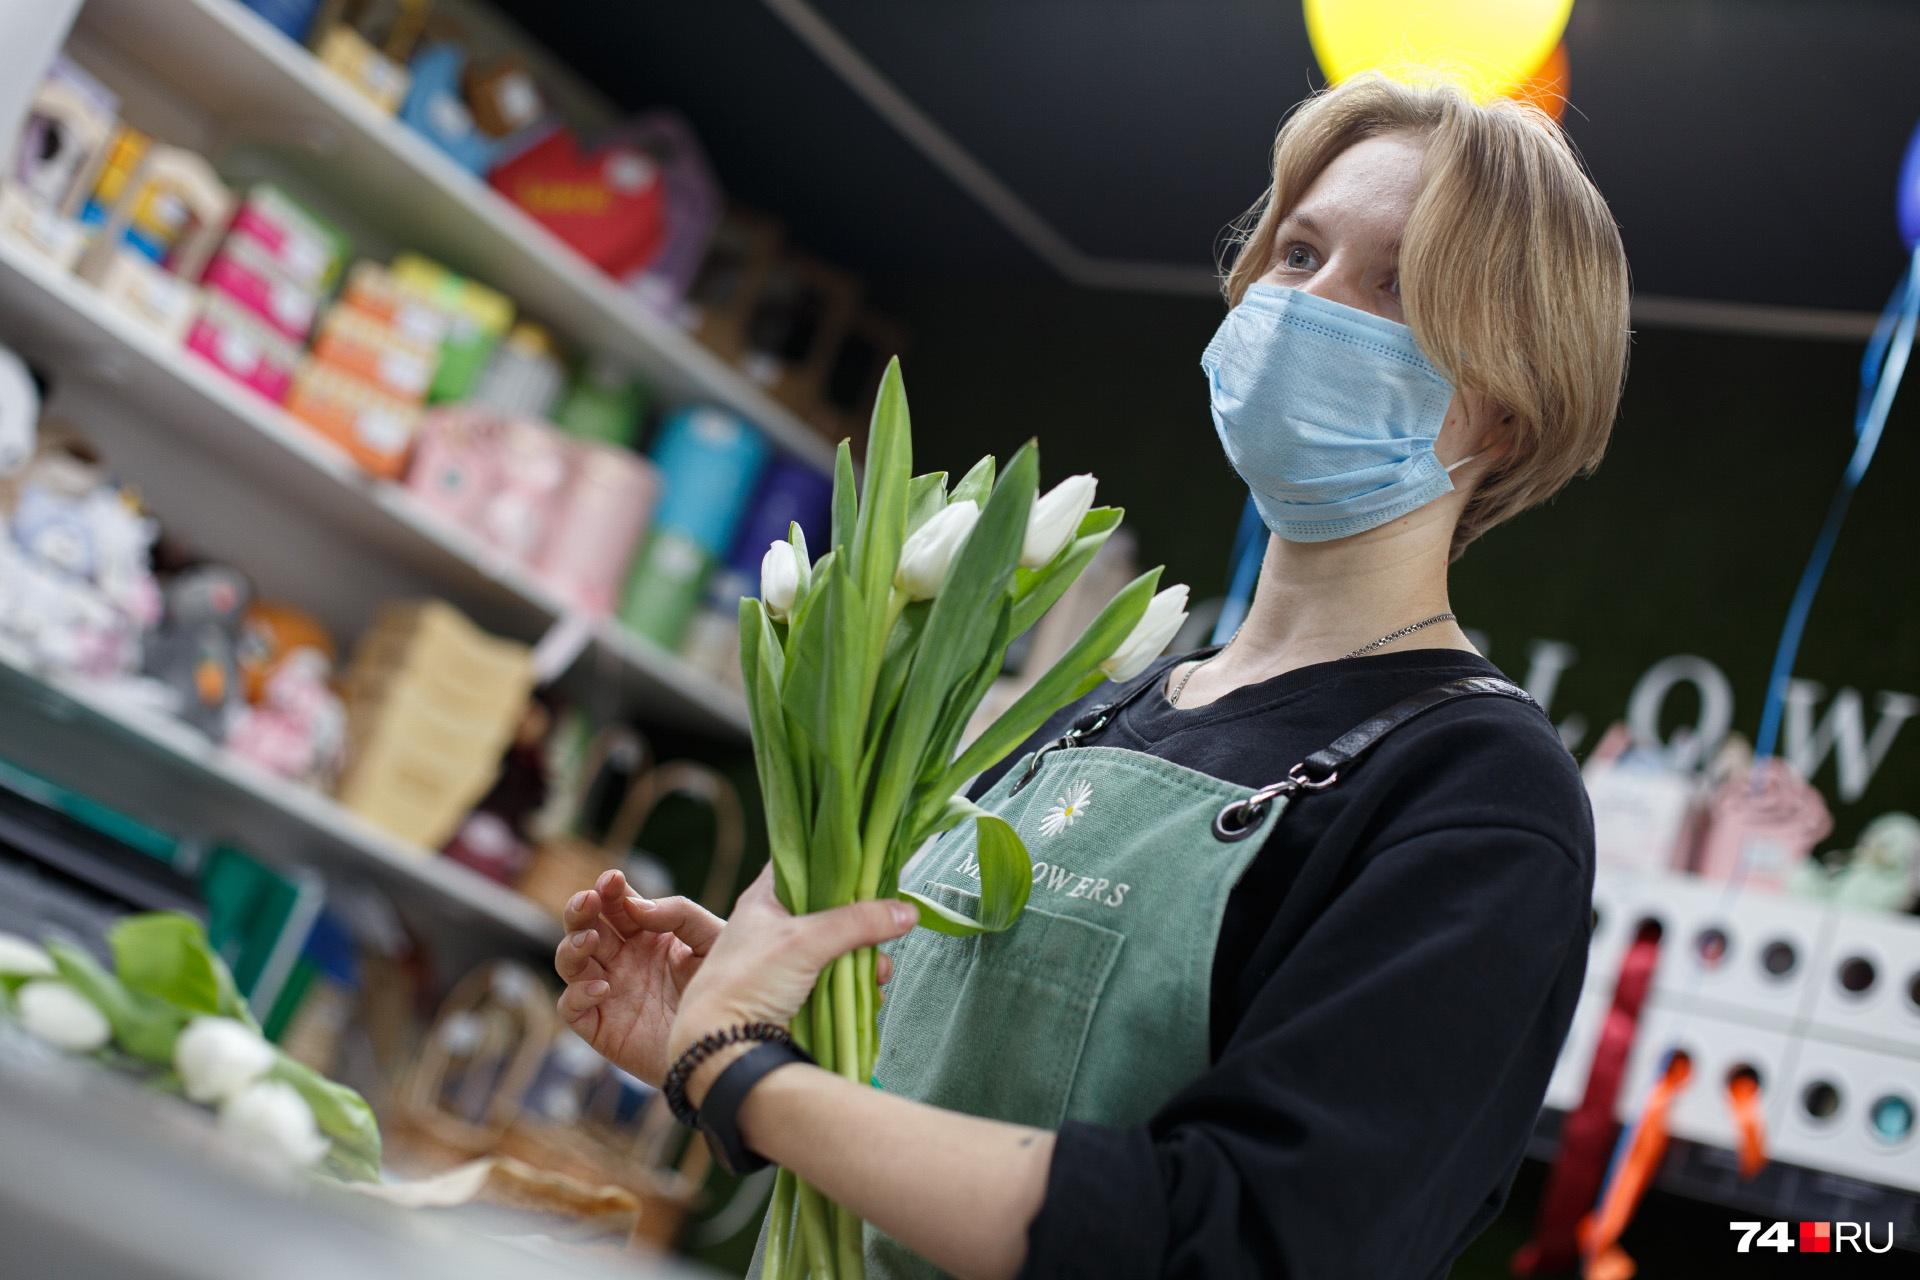 Тюльпаны ассоциируются у вас лишь с 8 Марта? Забудьте — на День знаний они тоже смотрятся великолепно!